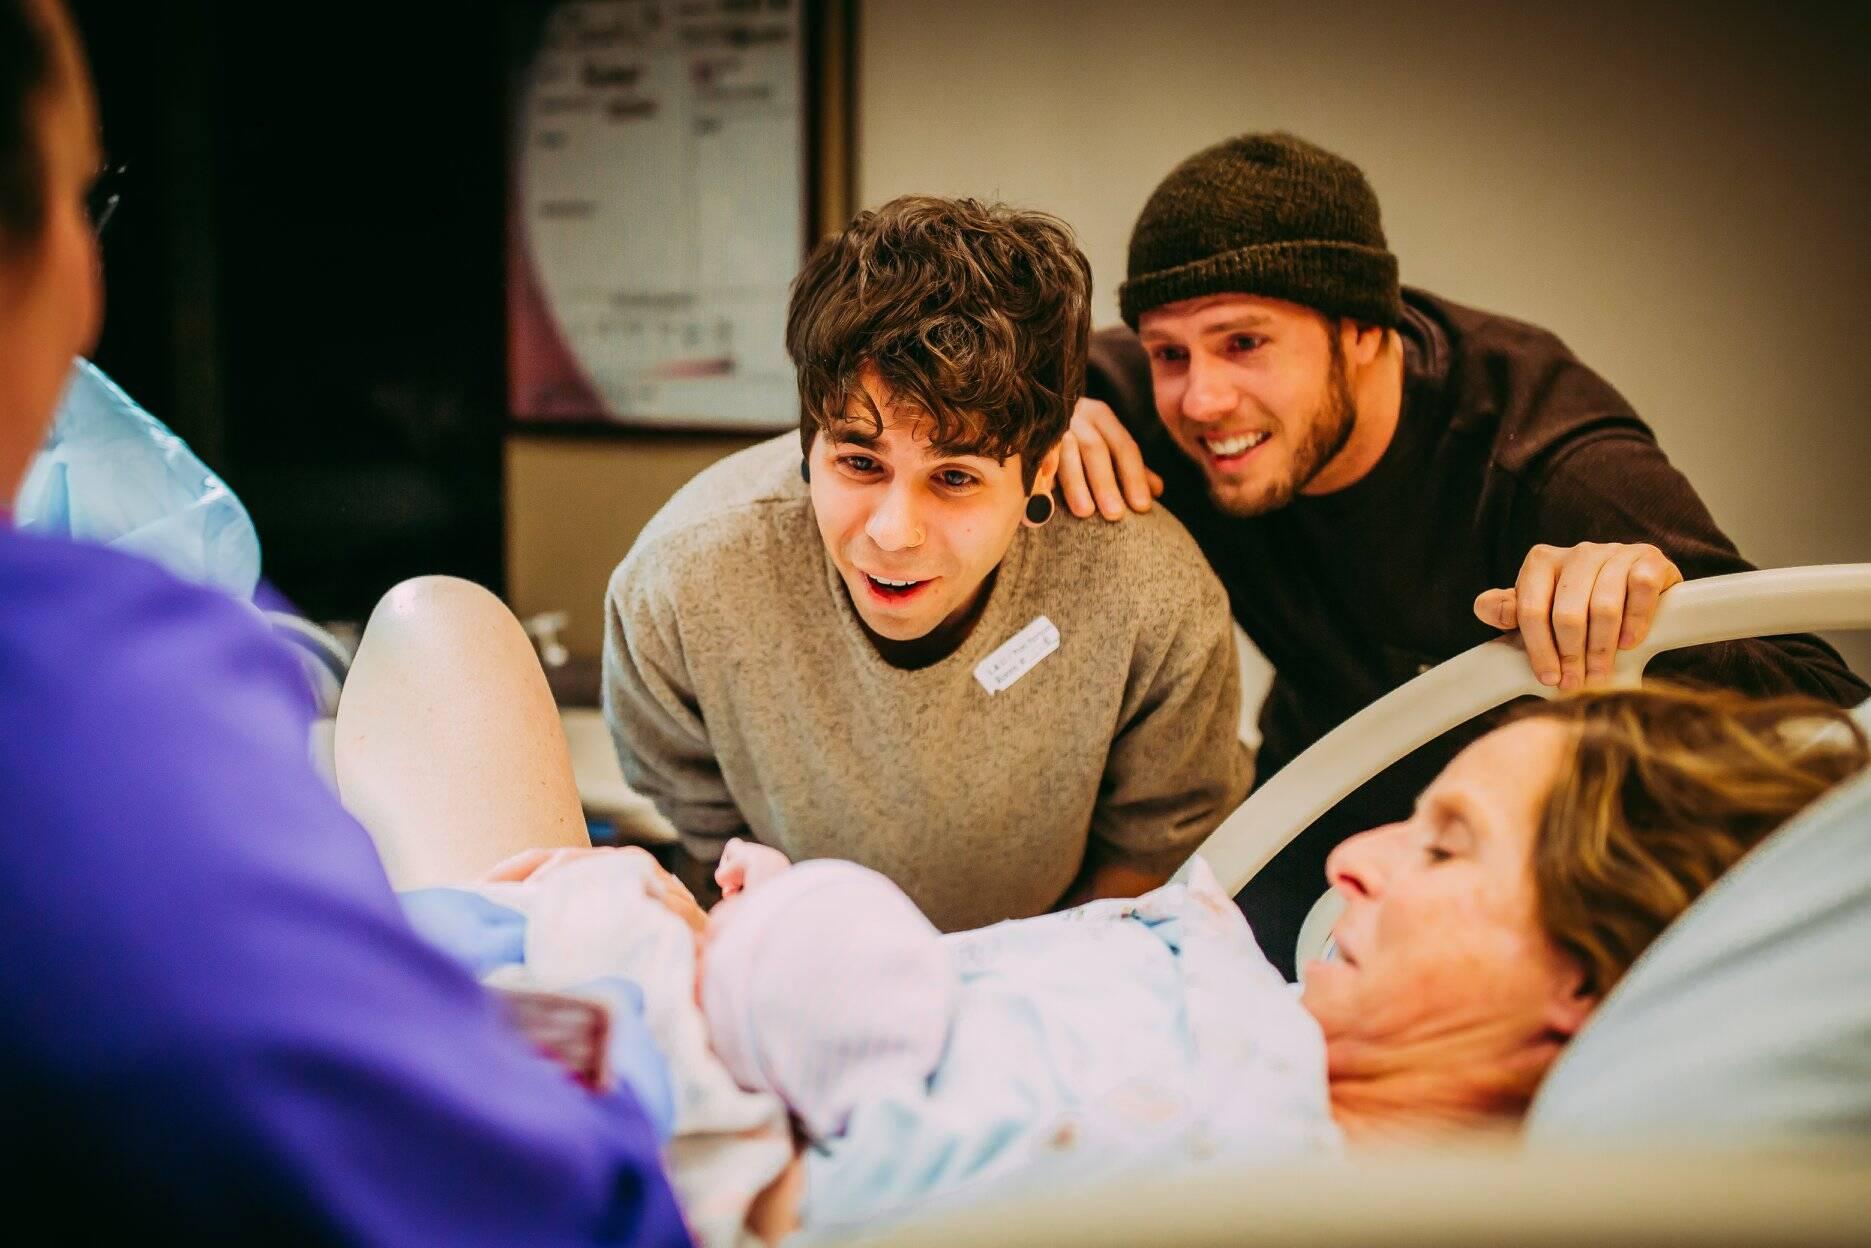 Registros do parto de Cecile, que foi barriga de aluguel para seu filho e deu à luz sua neta, a pequena Uma. Foto: Reprodução/Facebook/Ariel Panowicz Creative